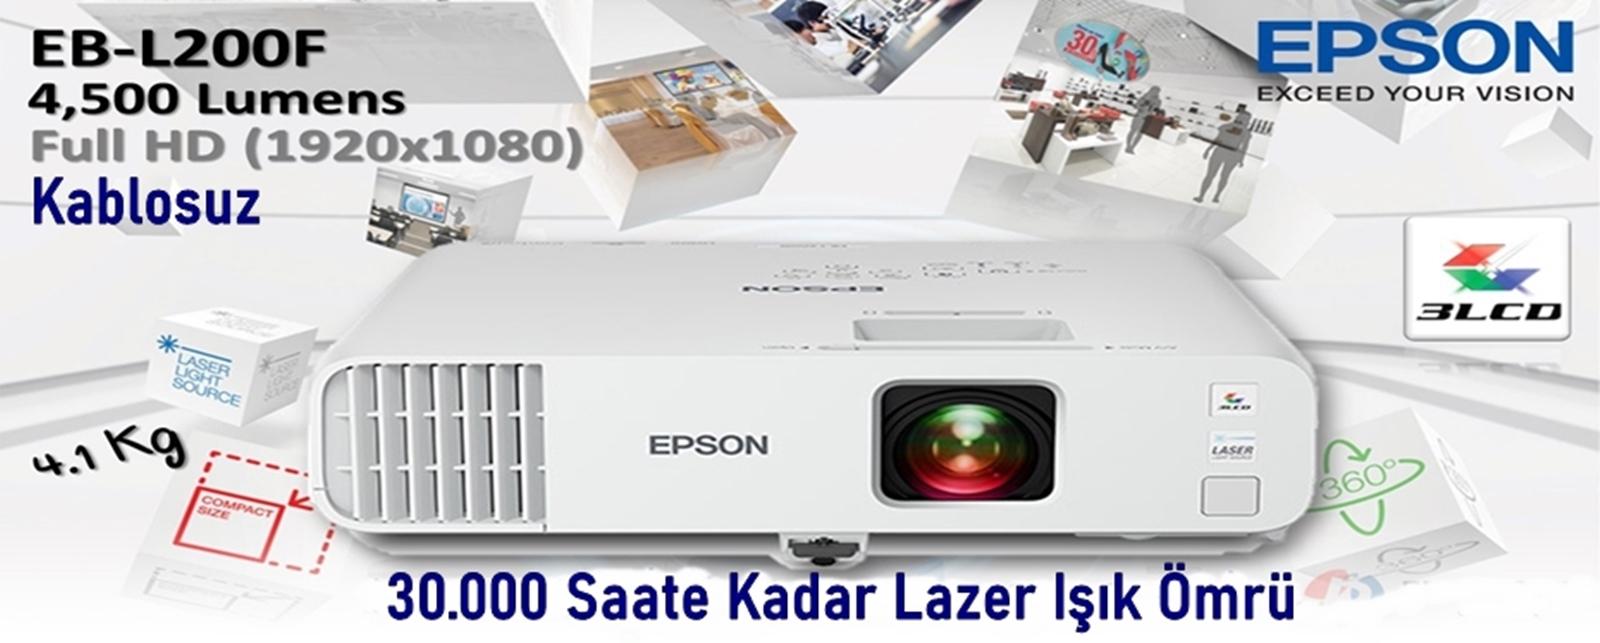 Epson EB-L200F Projeksiyon